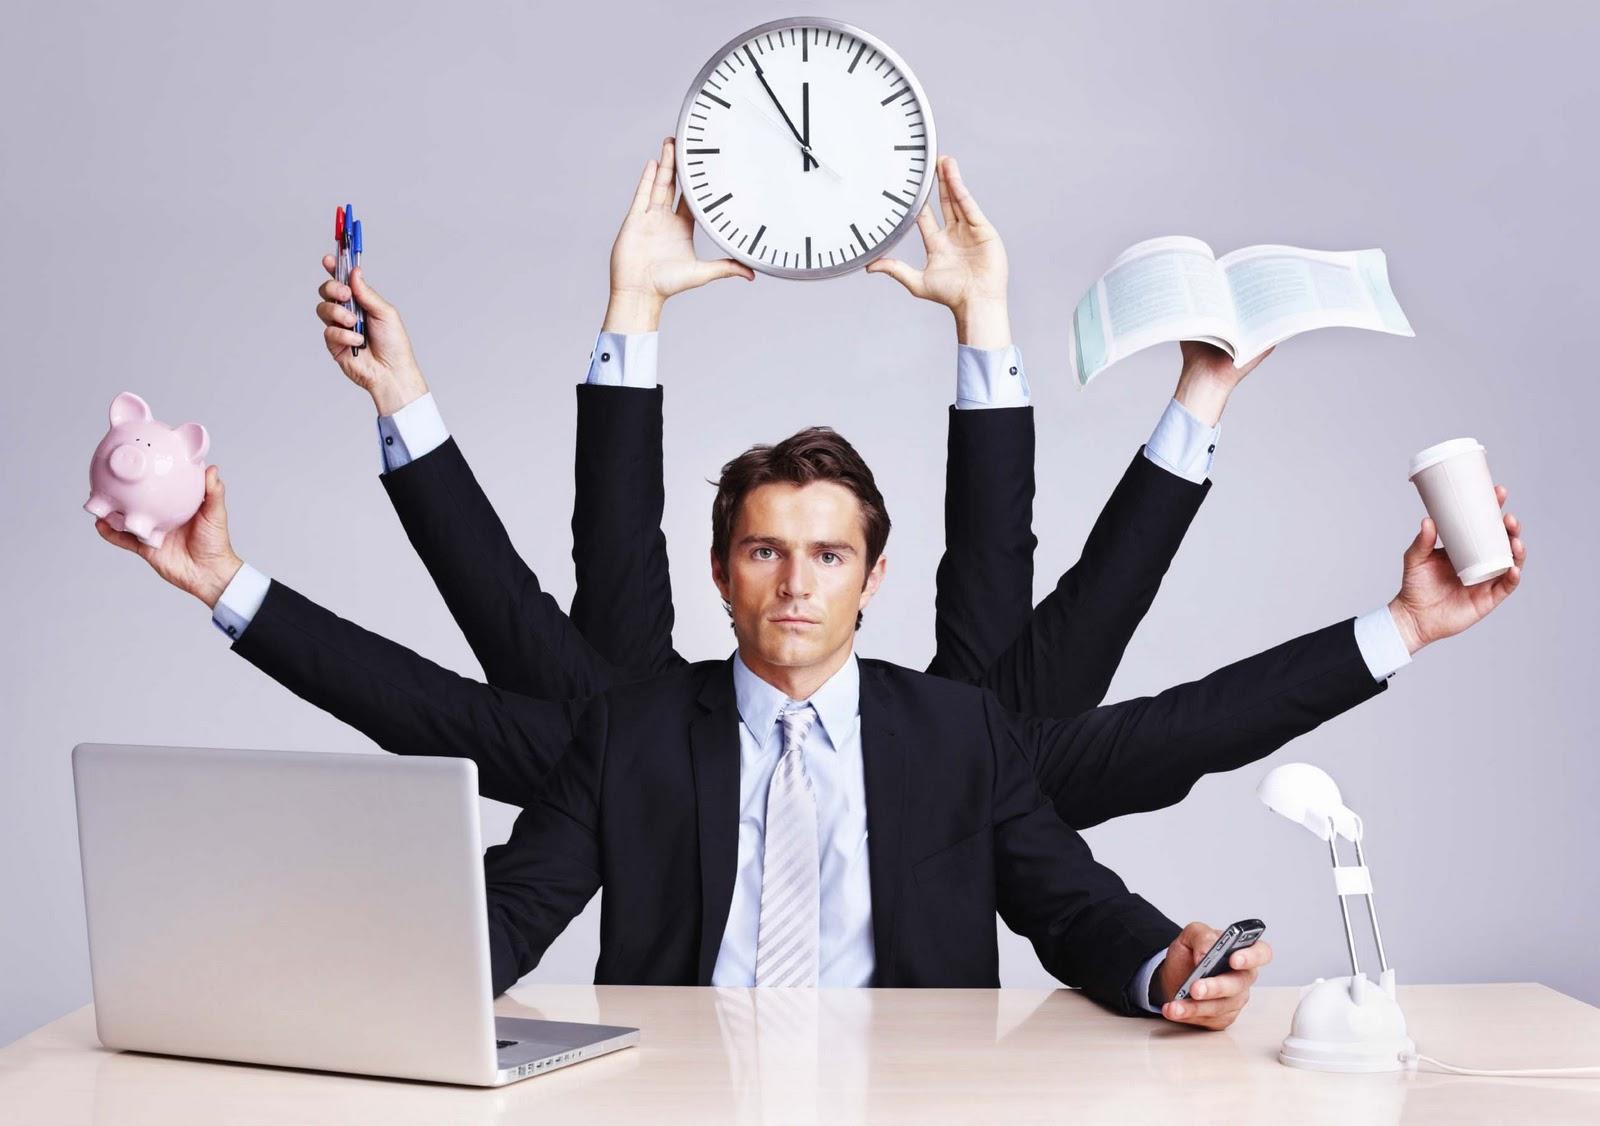 Как сделать карьеру по знаку Зодиака? Профессии, которые